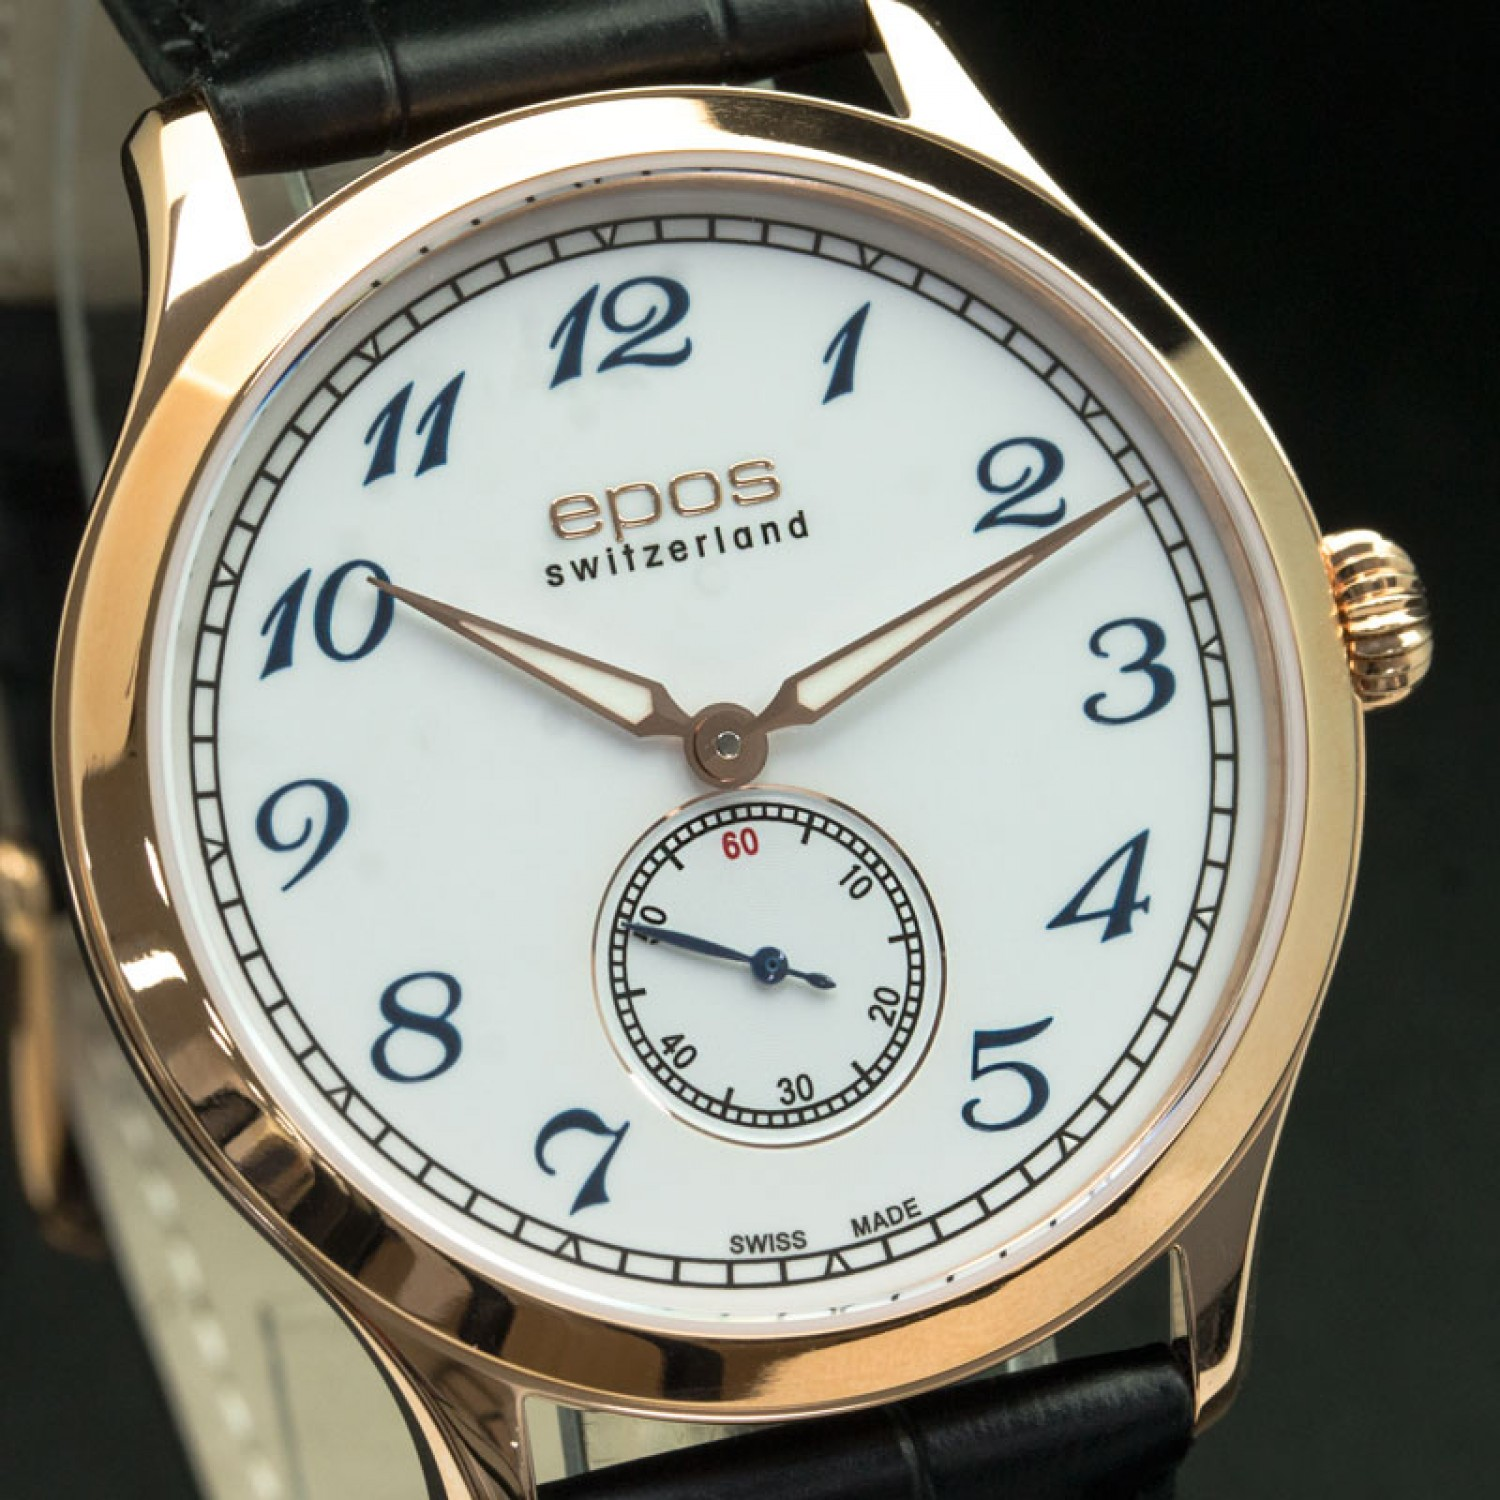 В часах используется механизм selita – это минус, так как для него трудно найти запчасти на российском часовом рынке.